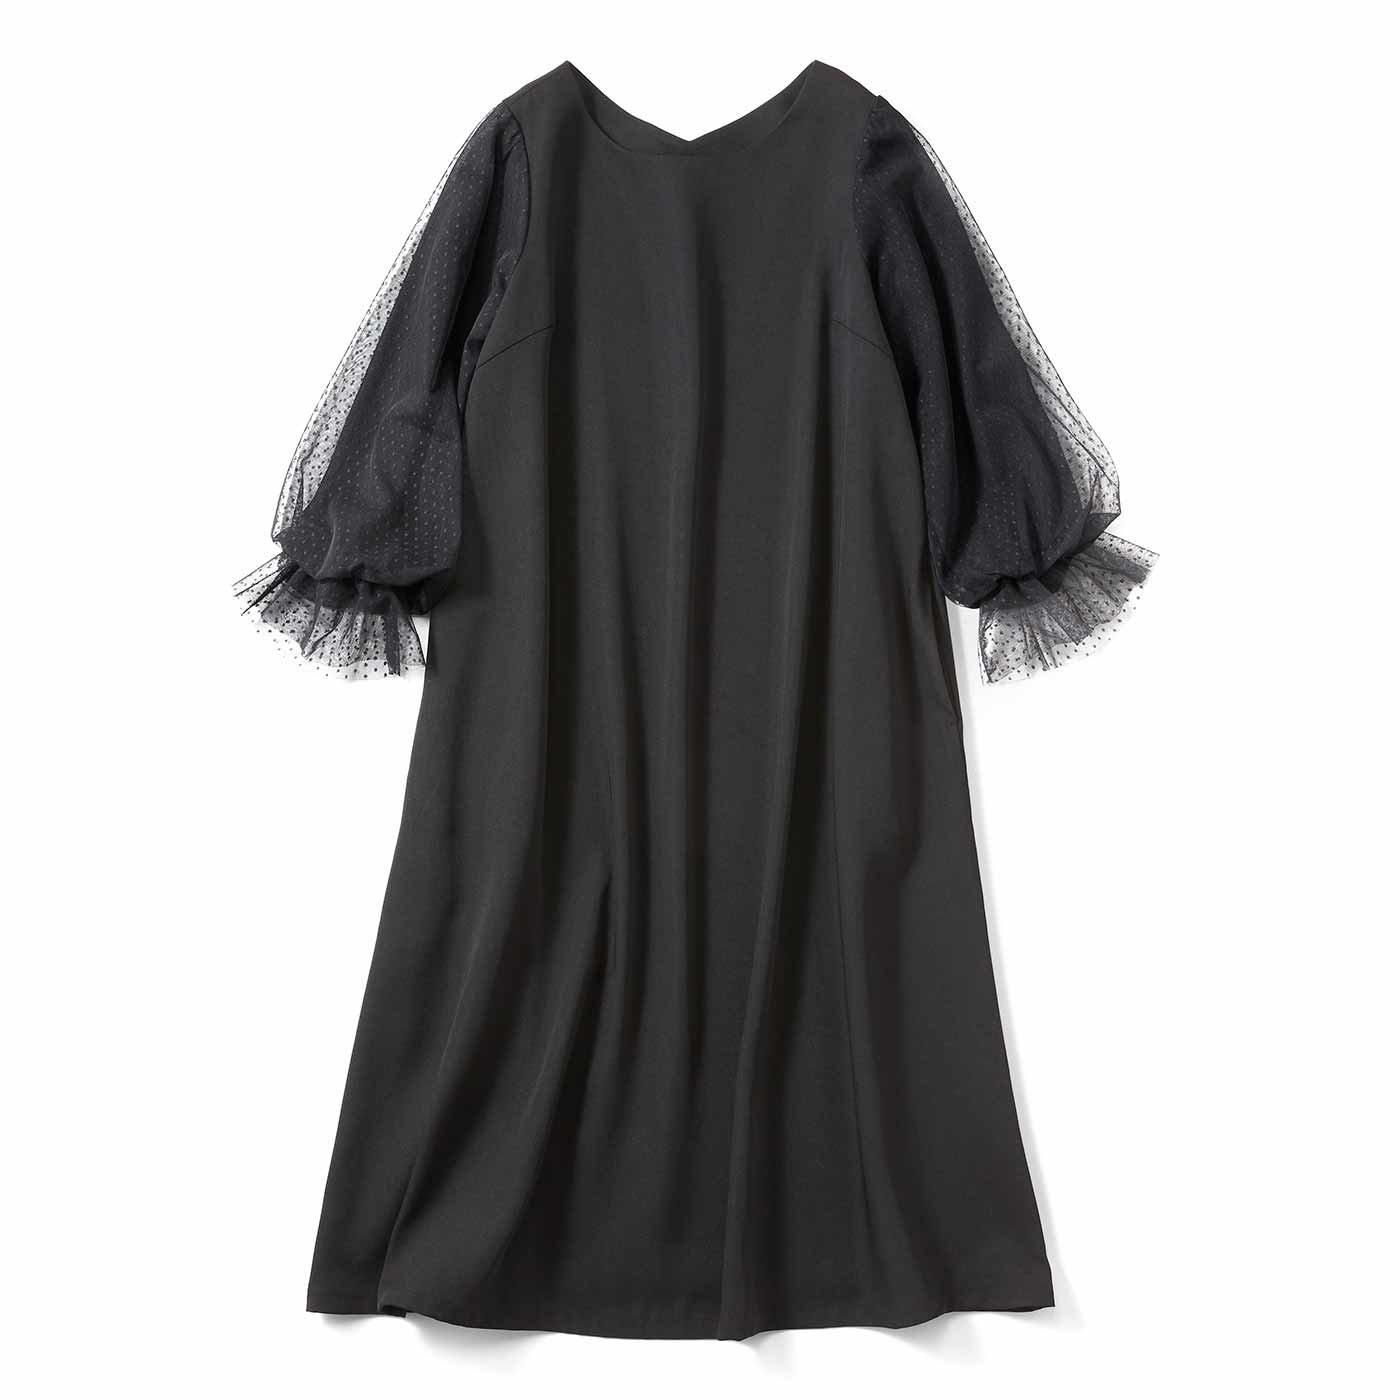 キュッとチュール袖 リトルブラックドレス